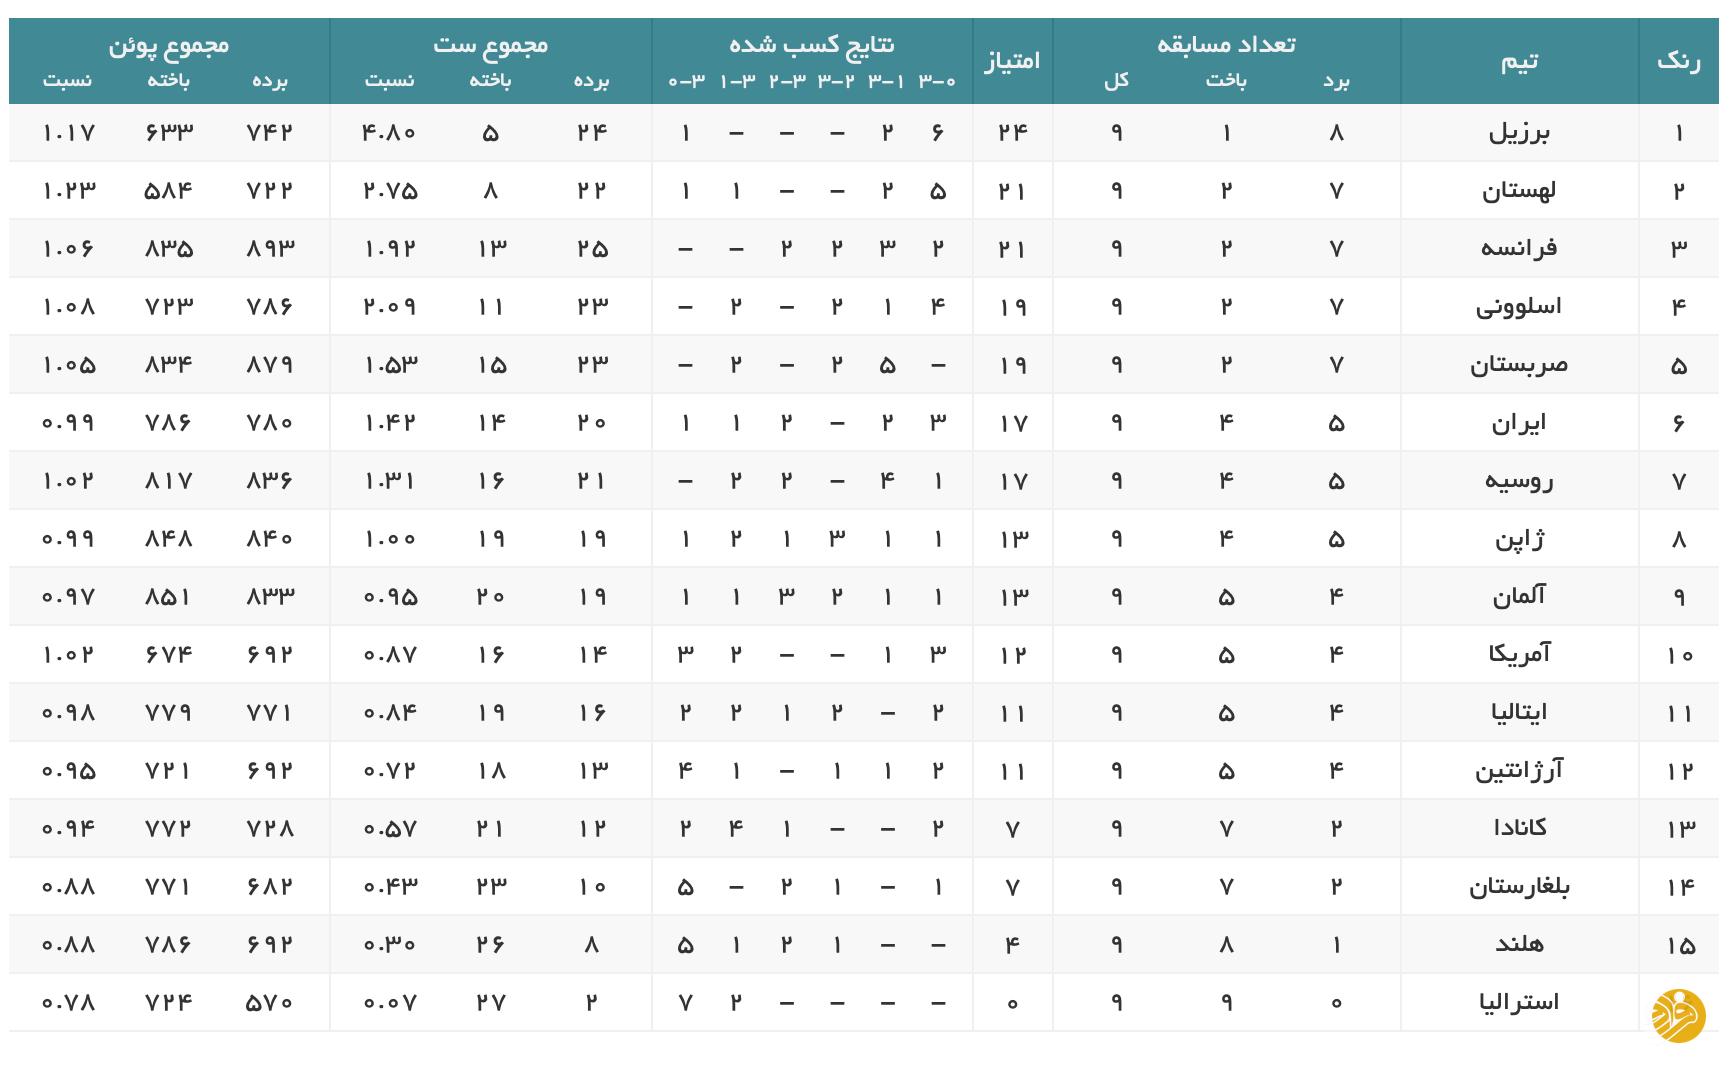 سقوط والیبال ایران در رده بندی لیگ ملتها + جدول